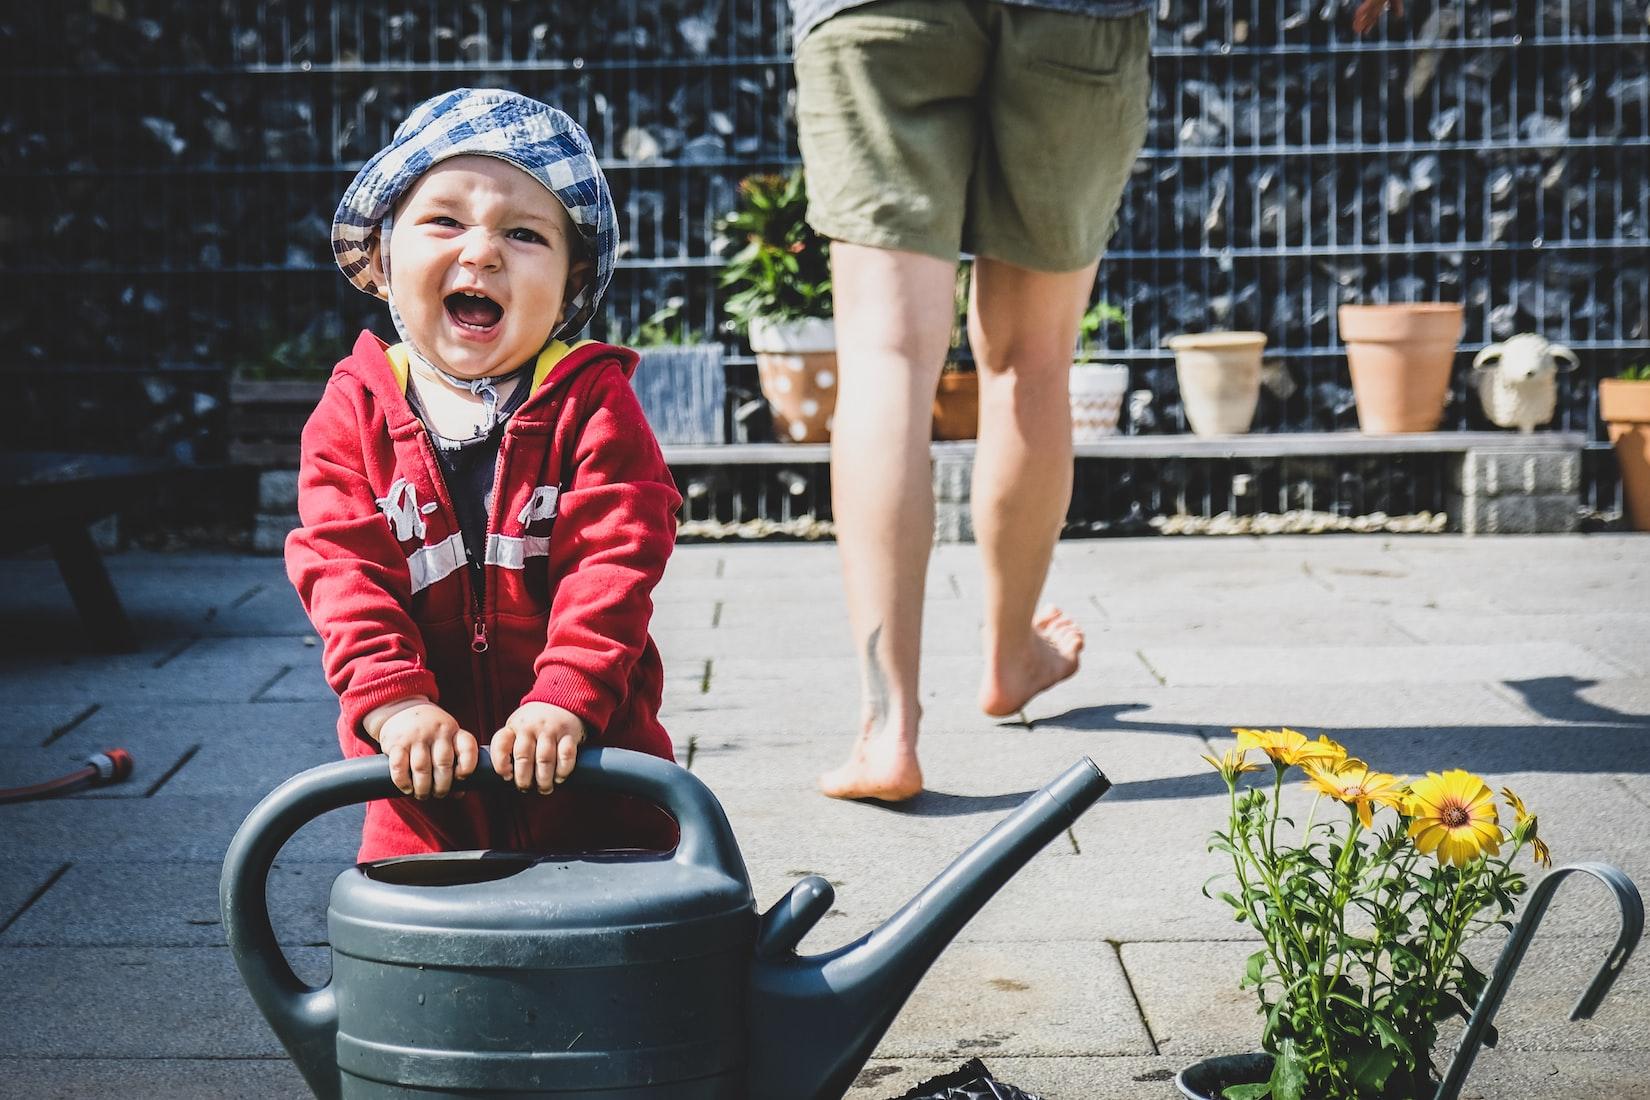 kid watering flower